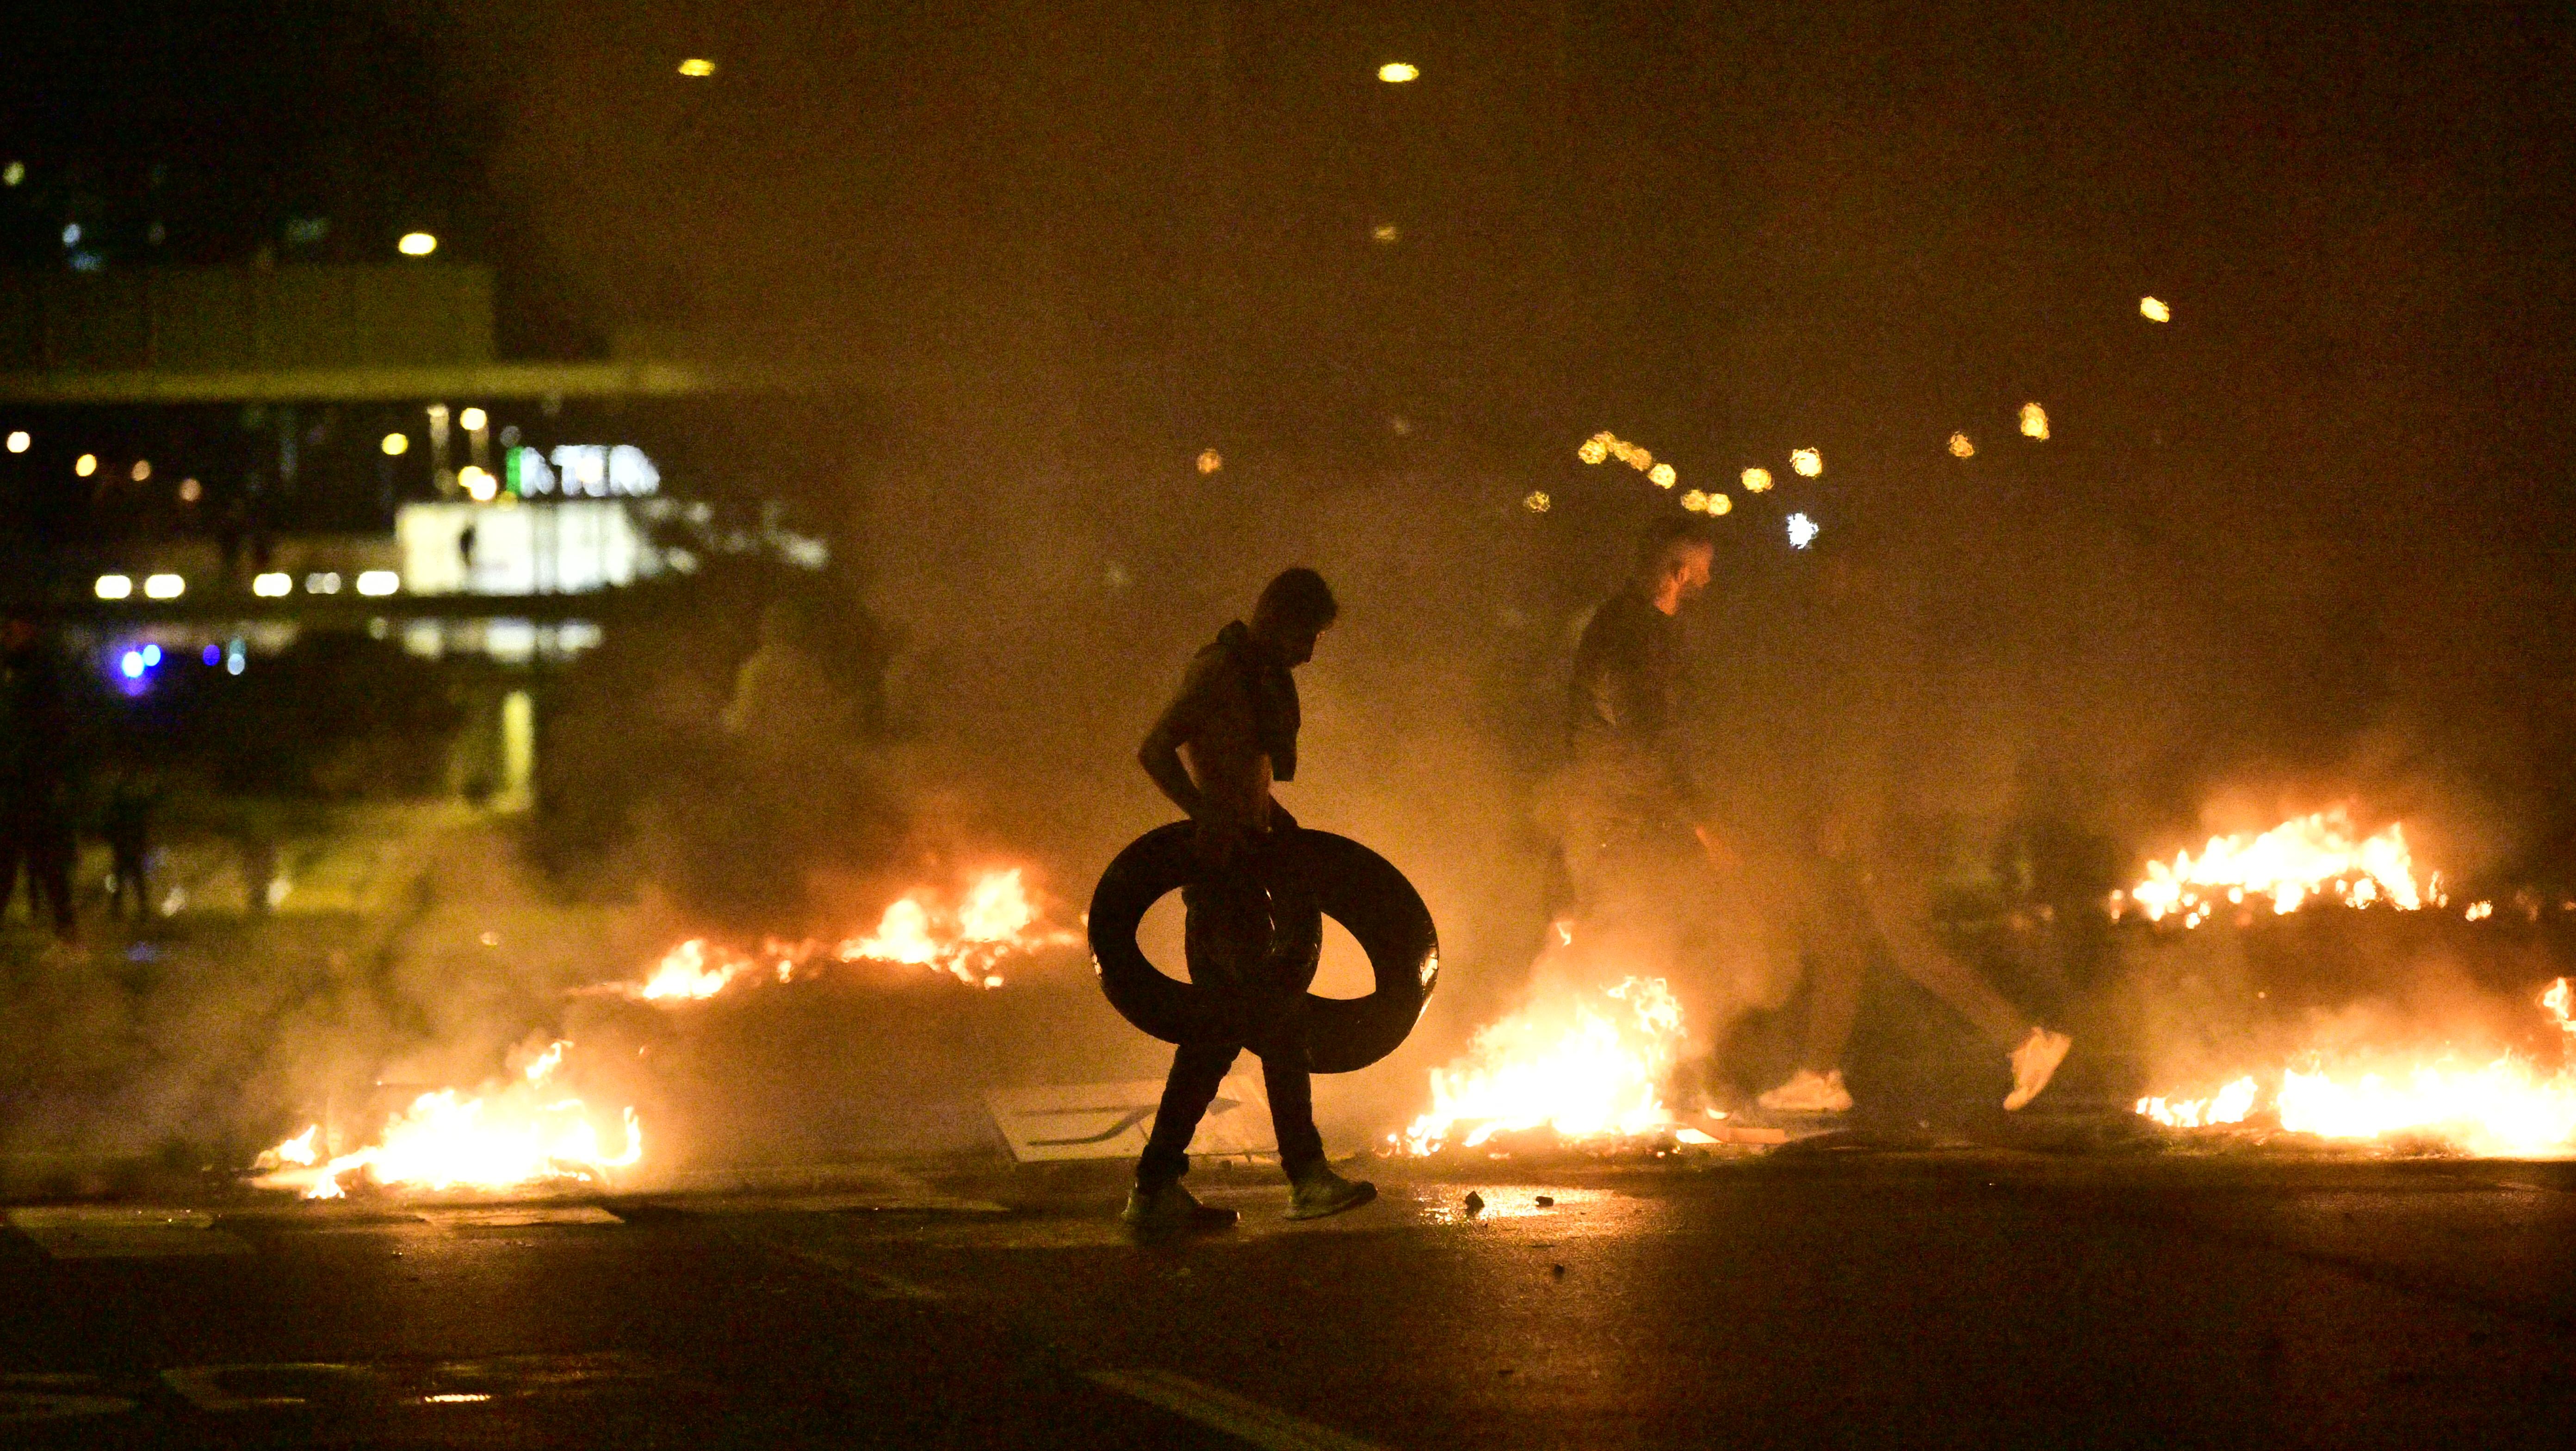 Zavargások kezdődtek Malmőben, miután szélsőjobboldali aktivisták felgyújtottak egy Koránt